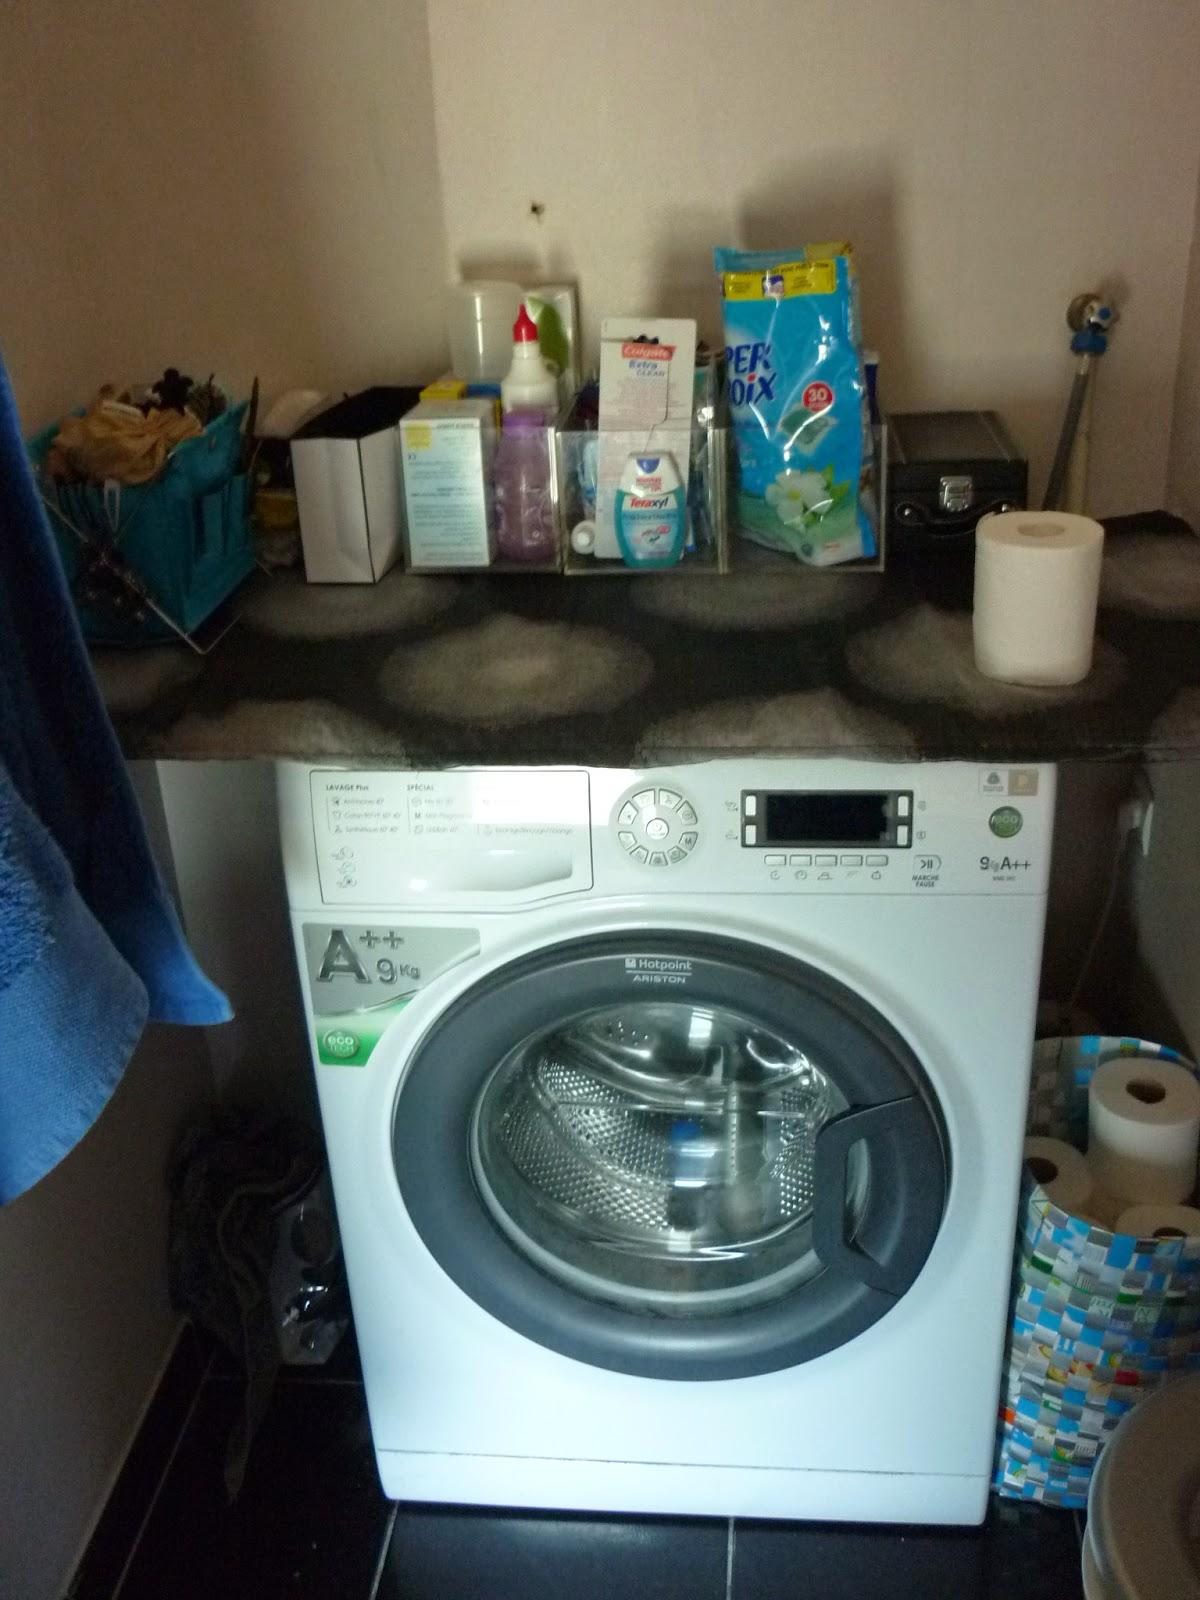 de brique et de brock plan de travail sur la machine laver. Black Bedroom Furniture Sets. Home Design Ideas